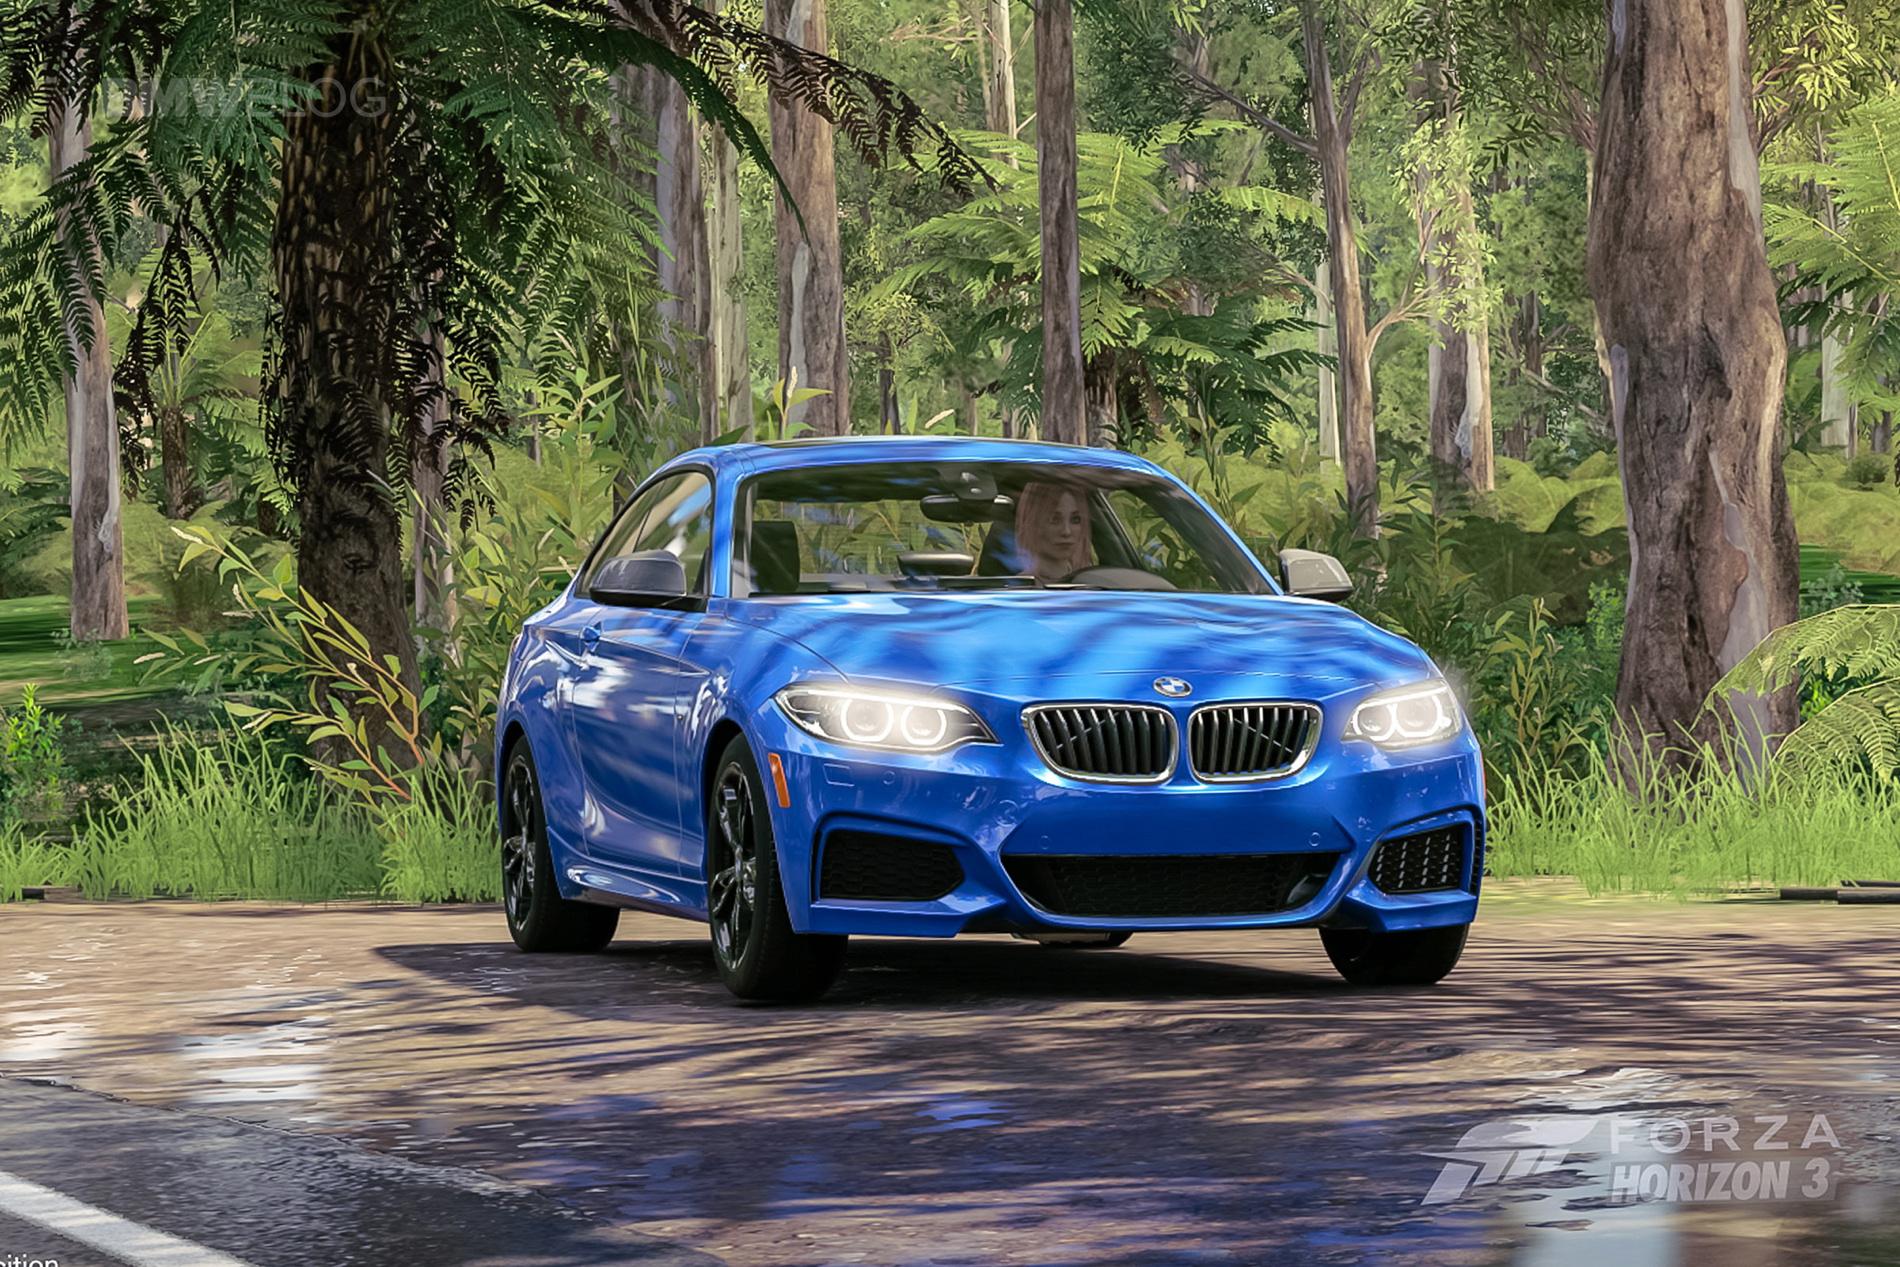 BMW Forza Horizon 3 05